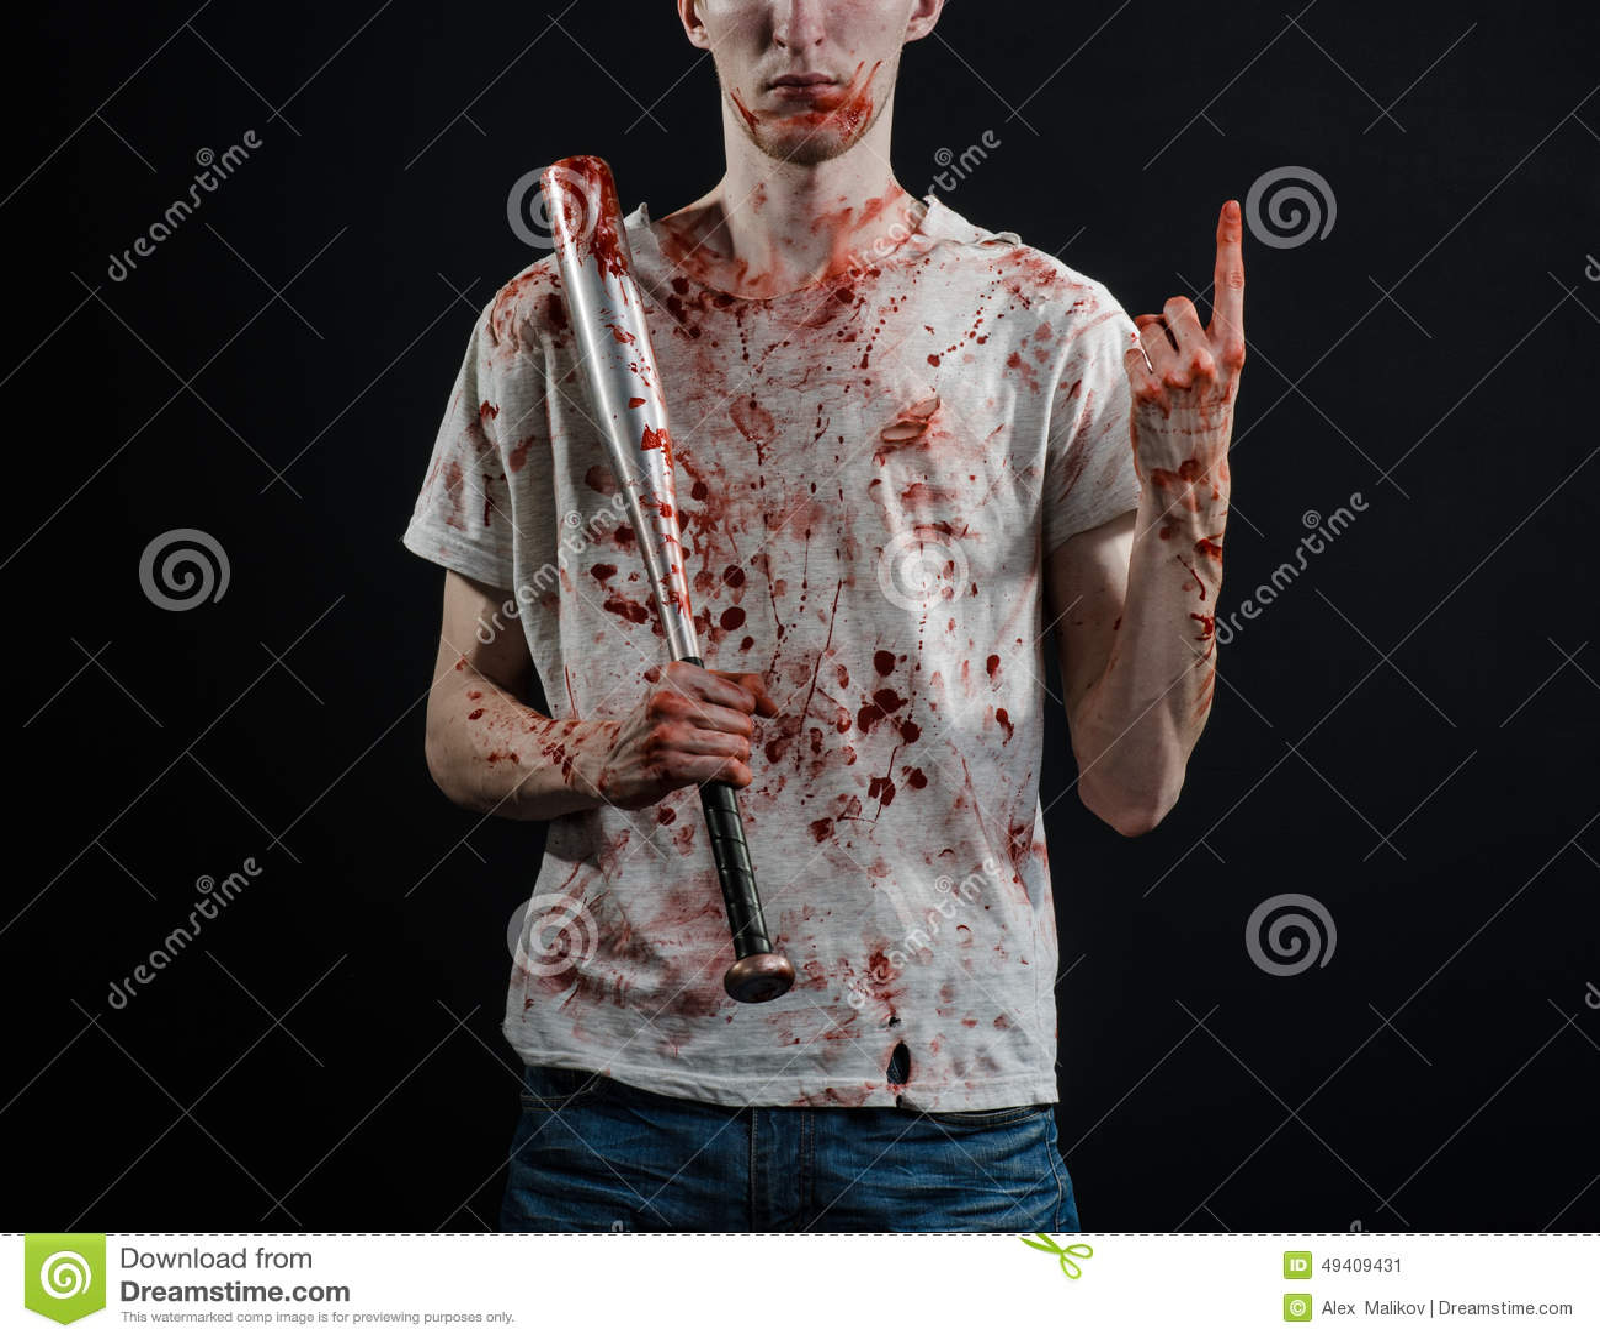 Download Blutiges Thema: Der Kerl In Einem Blutigen T-Shirt, Das Einen Blutigen Schläger Auf Einem Schwarzen Hintergrund Hält Stockbild - Bild von halloween, gruppe: 49409431